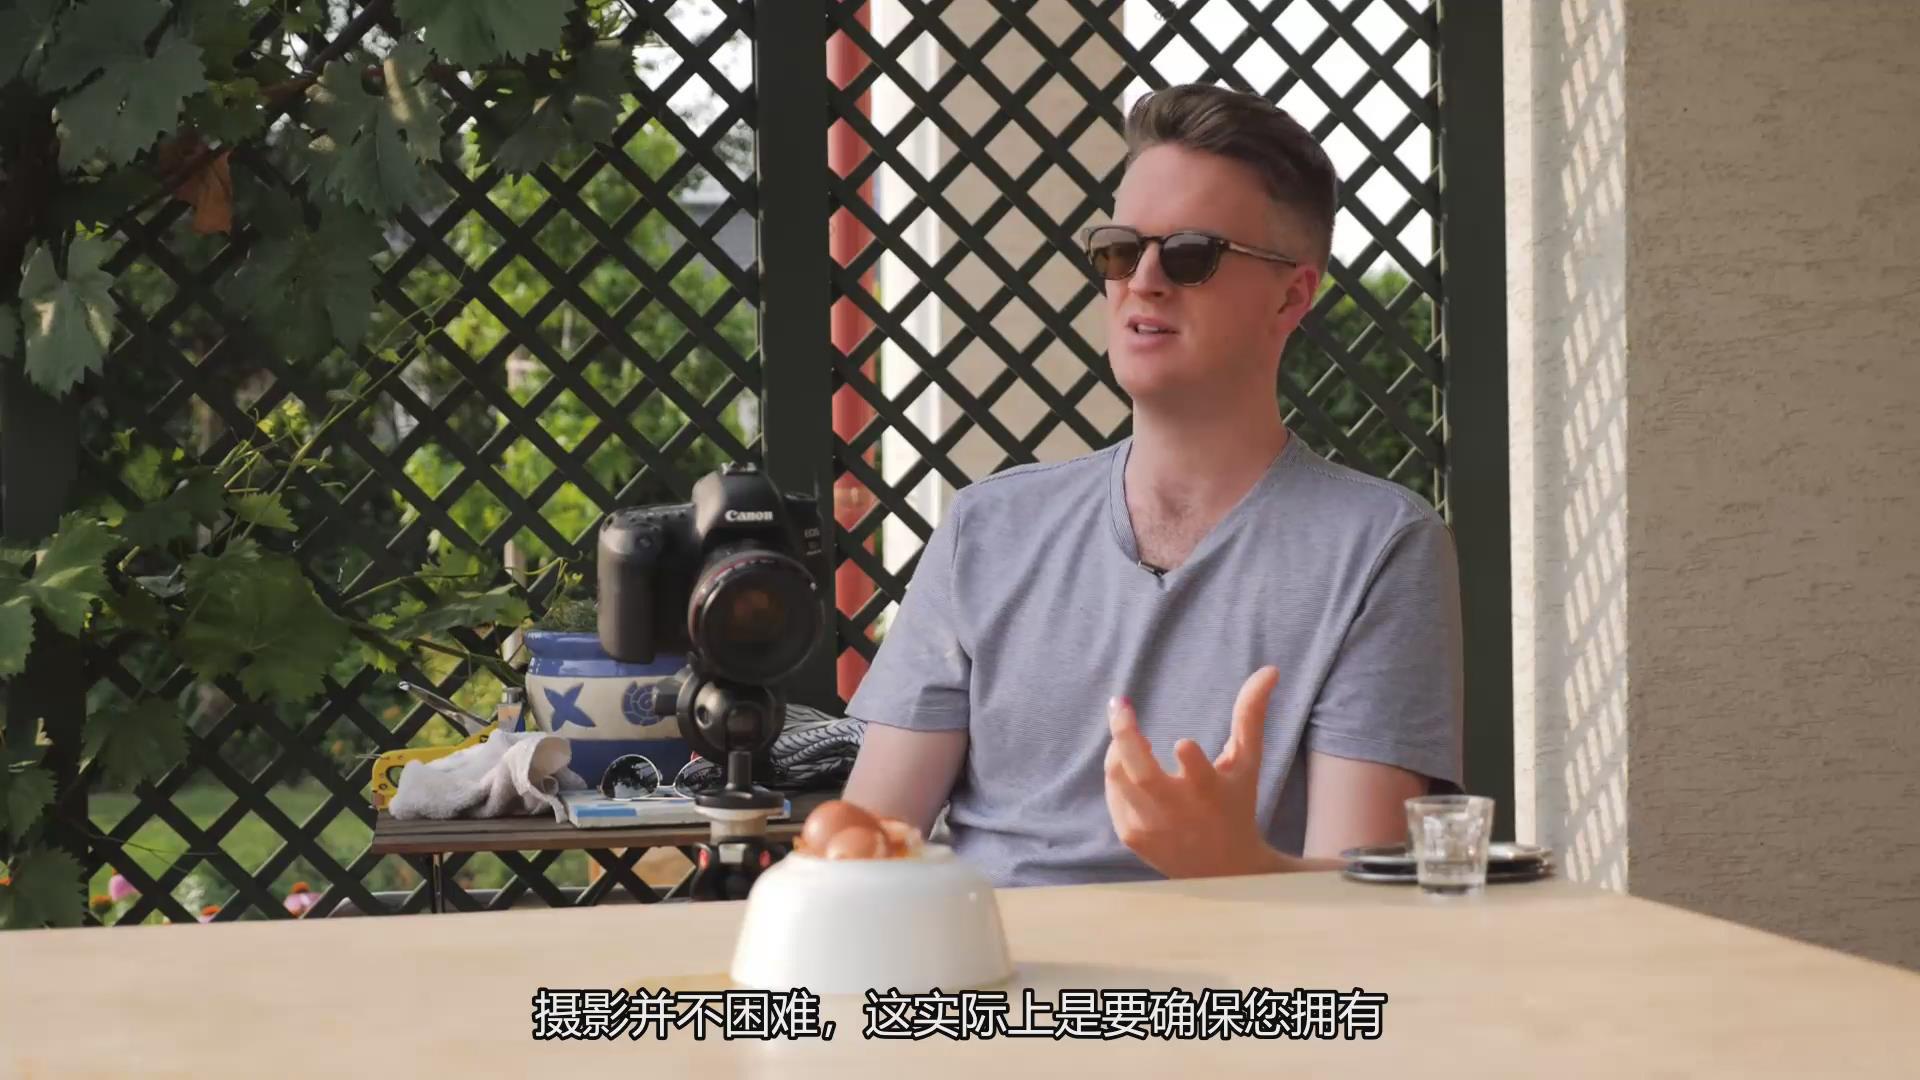 摄影教程_JOSHUA DUNLOP-30天创意摄影产品项目视频课程-中文字幕 摄影教程 _预览图2